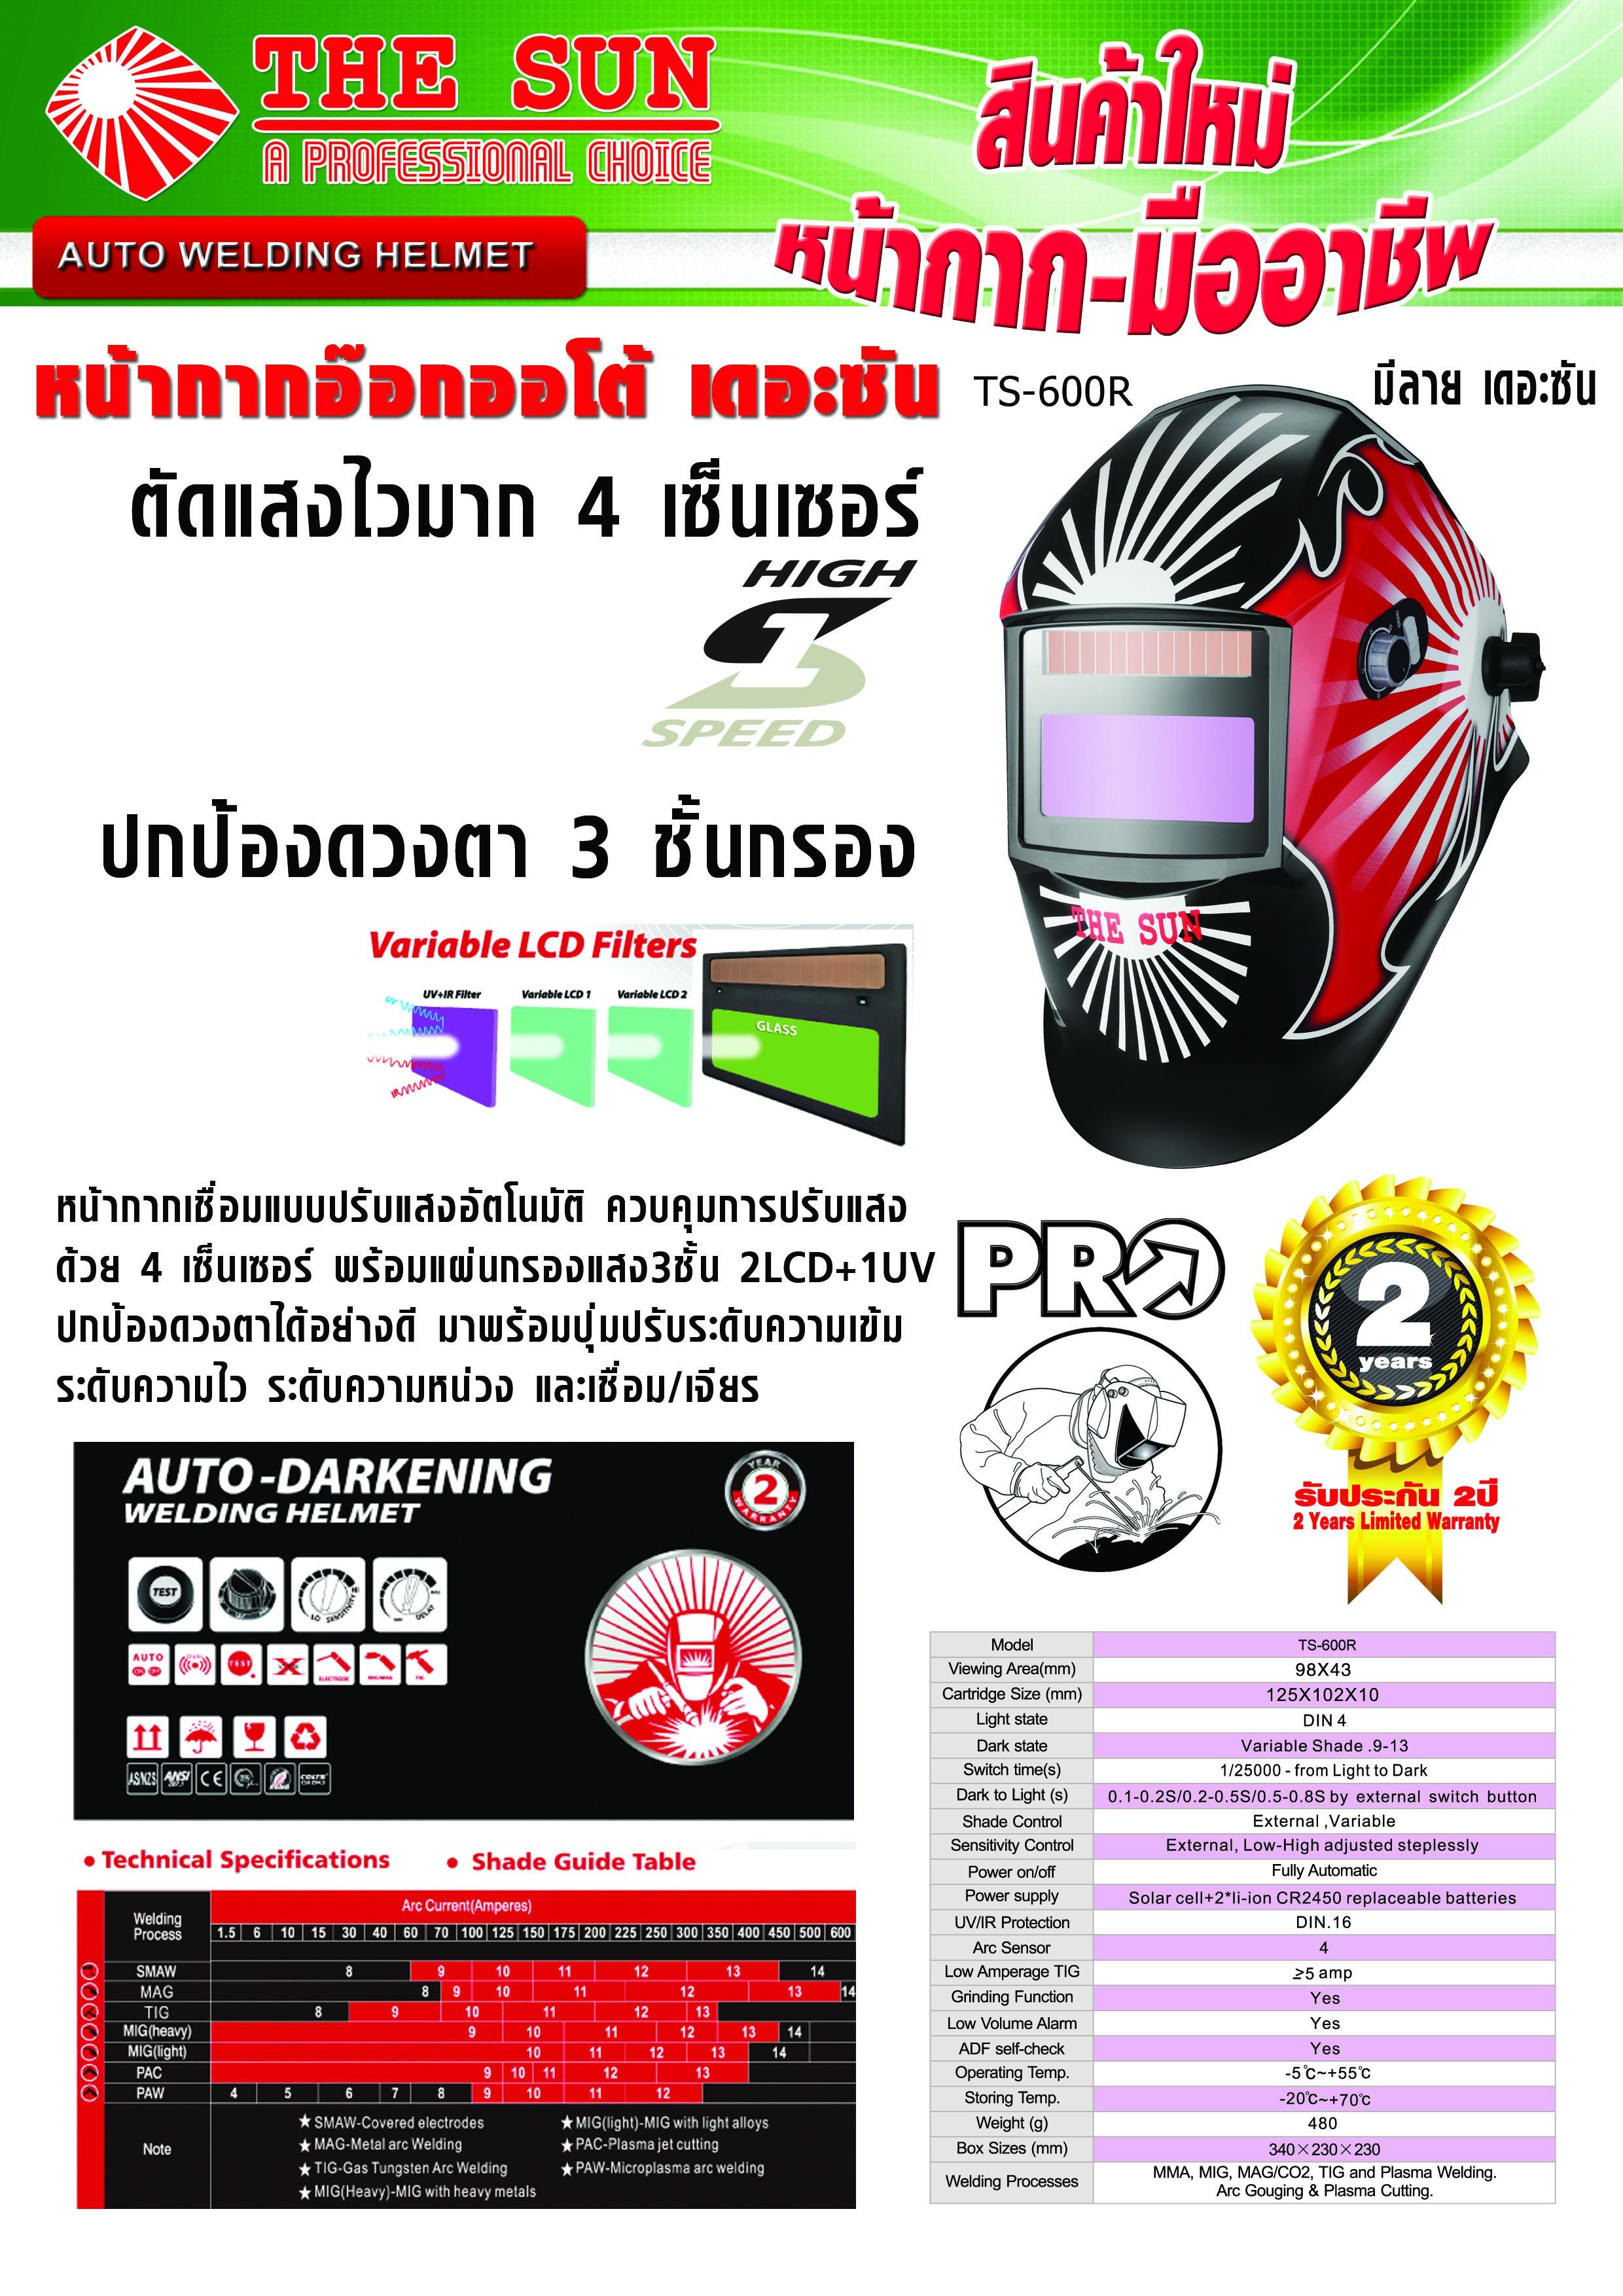 ซื้อหน้ากากอ๊อกออโต้ 4 เซ็นเซอร์ เดอะซัน รุ่น TS-600R รับส่วนลดพิเศษ 25%